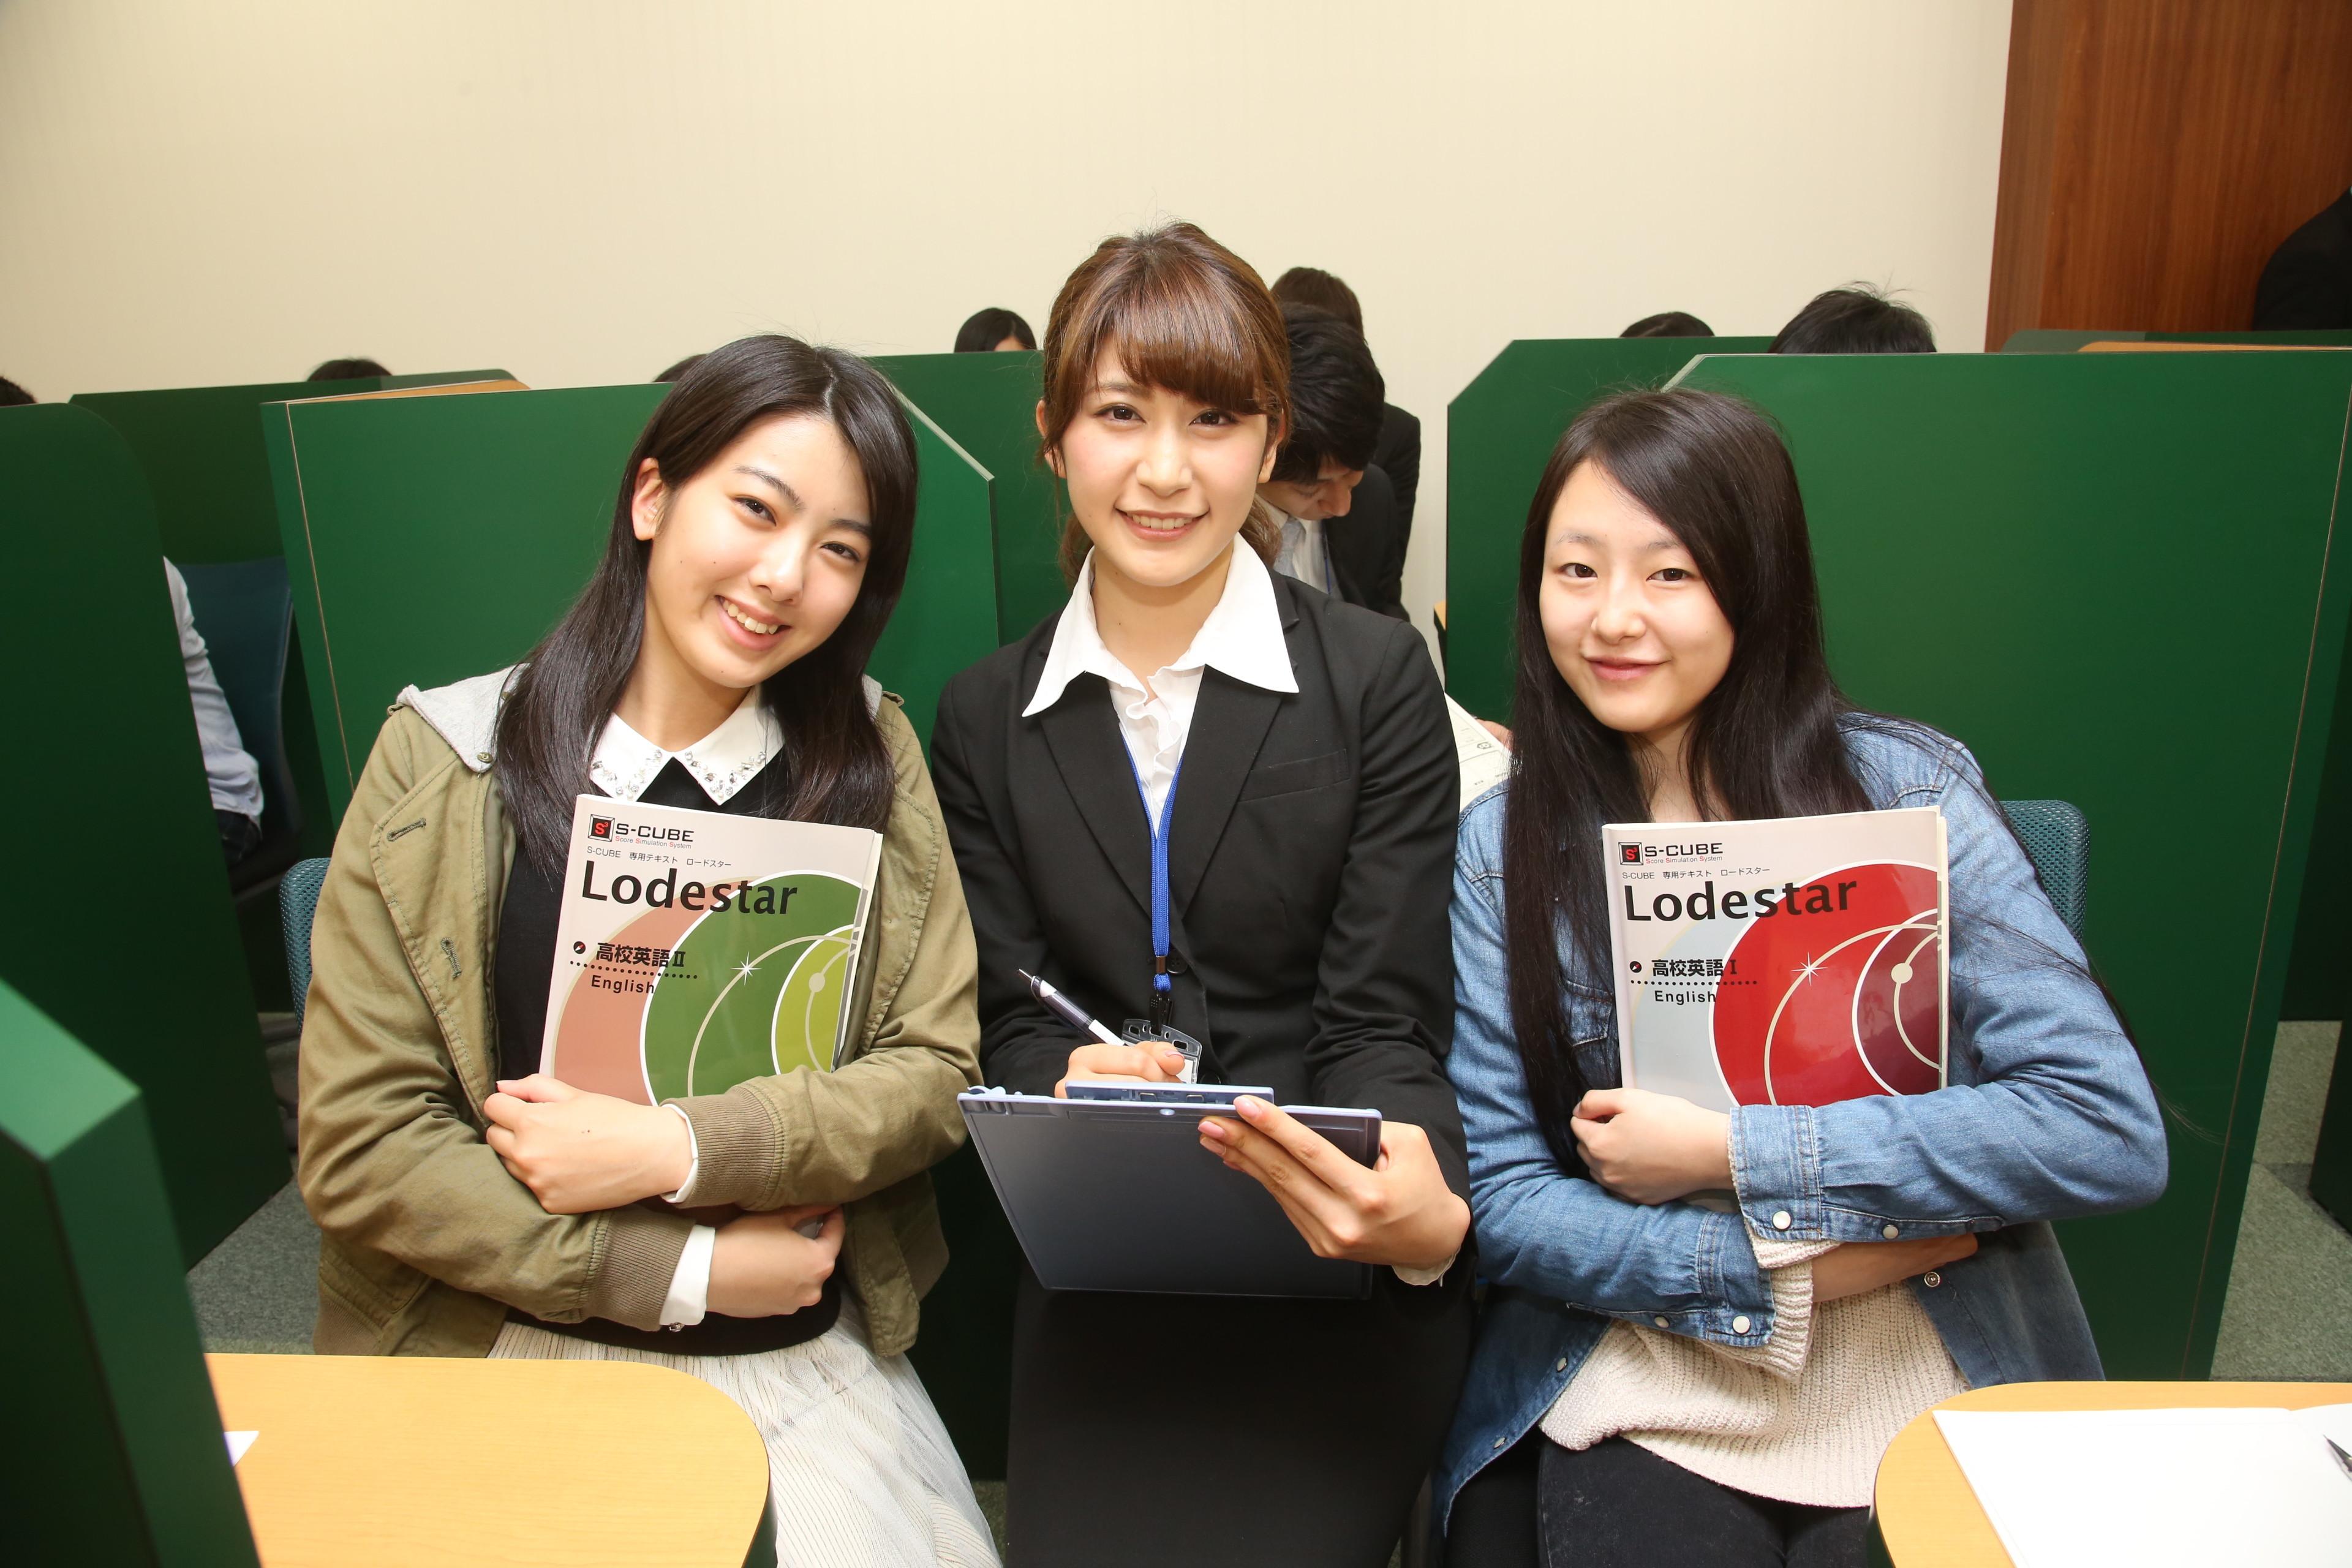 個別指導学院 フリーステップ 阪急伊丹教室のアルバイト情報